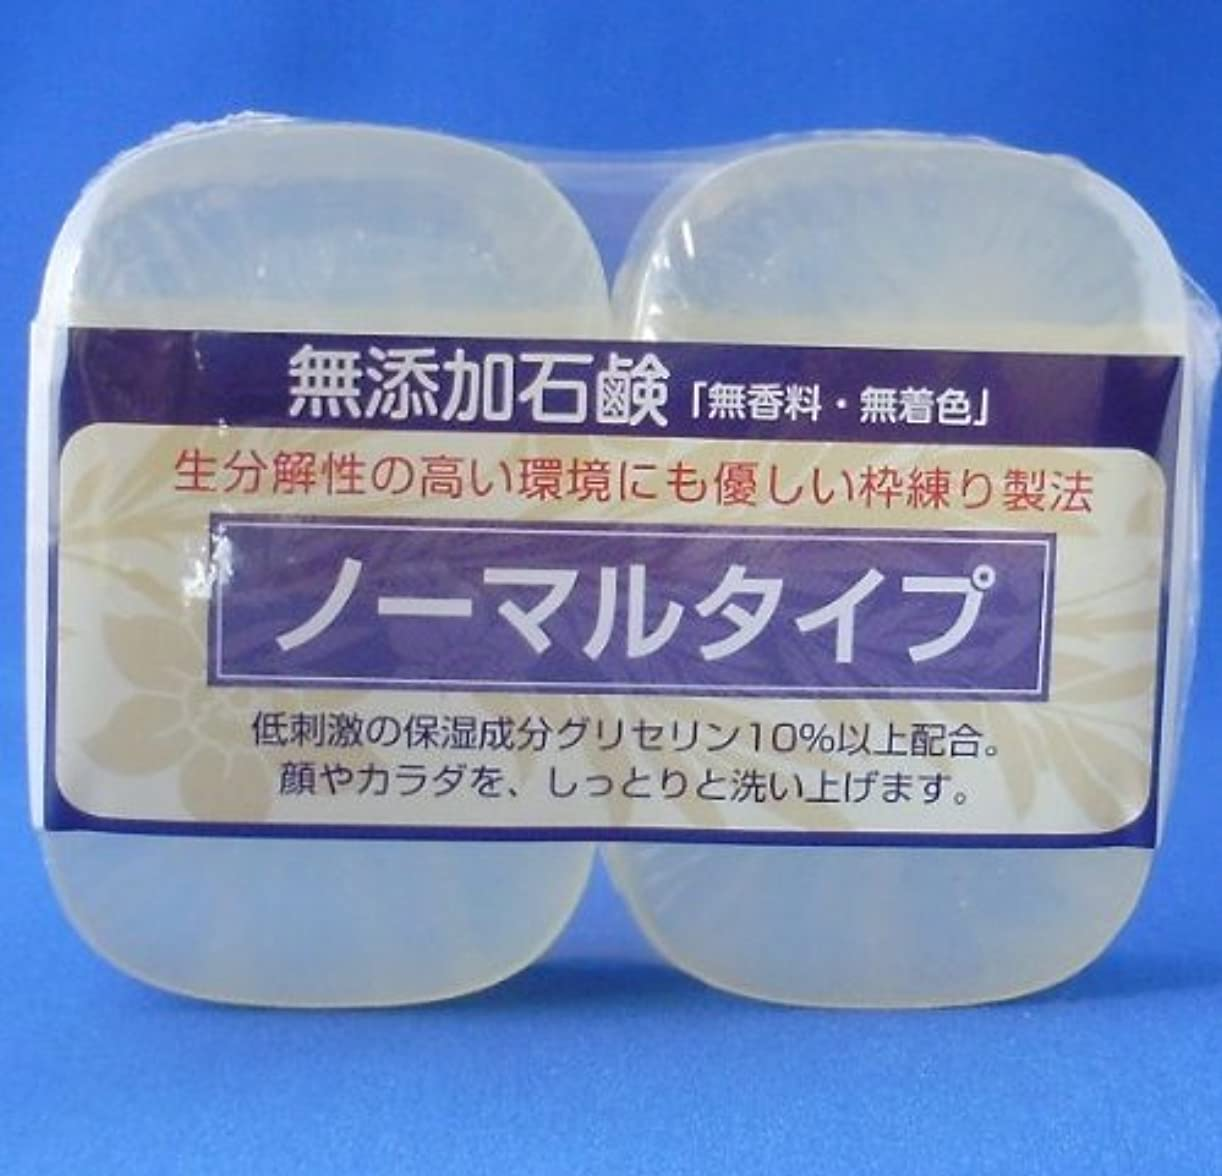 鏡なめる後方に無添加石鹸 ノーマルタイプ 90g×2個